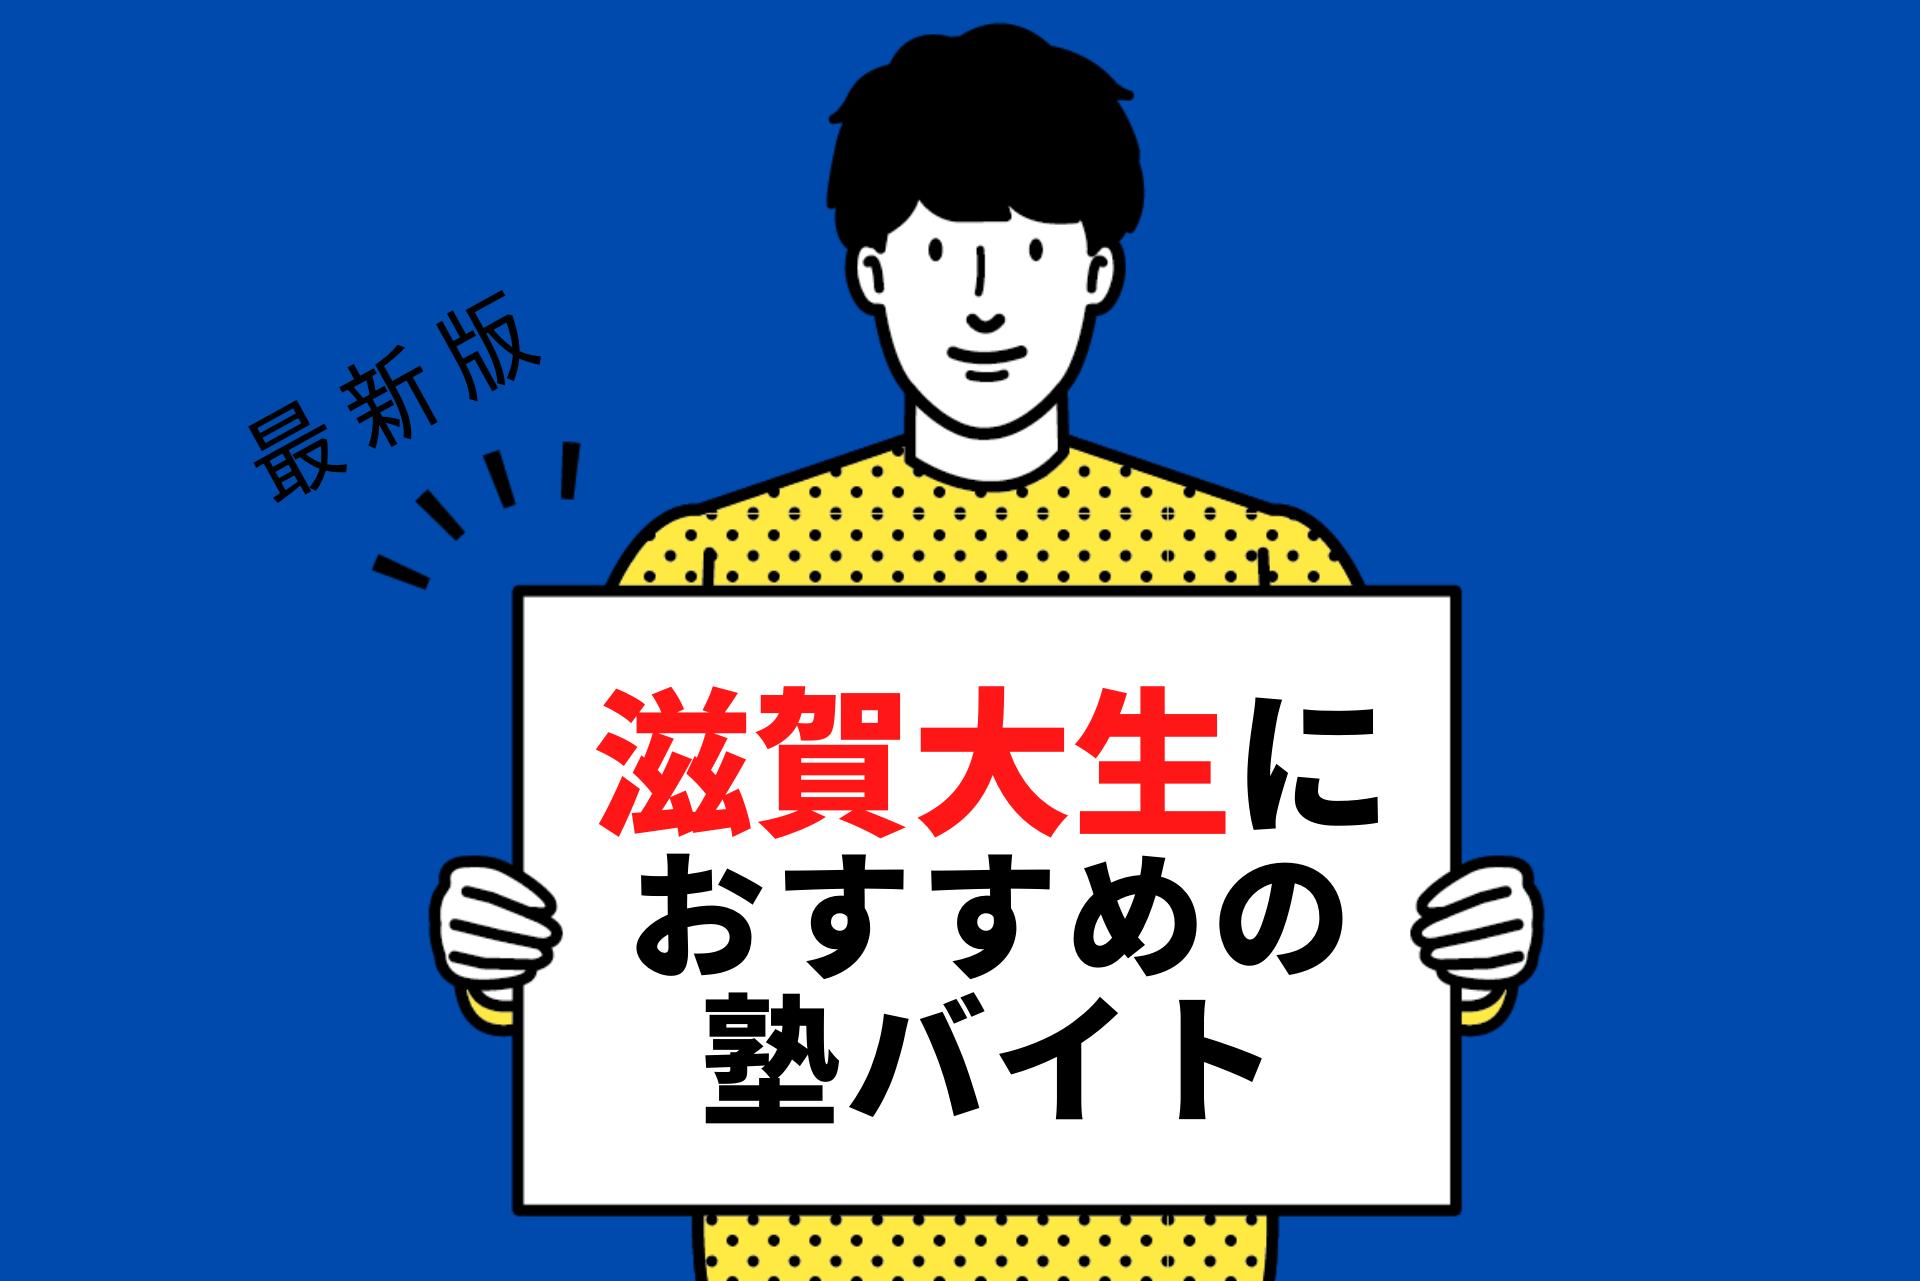 滋賀大学の学生さんにおすすめの塾